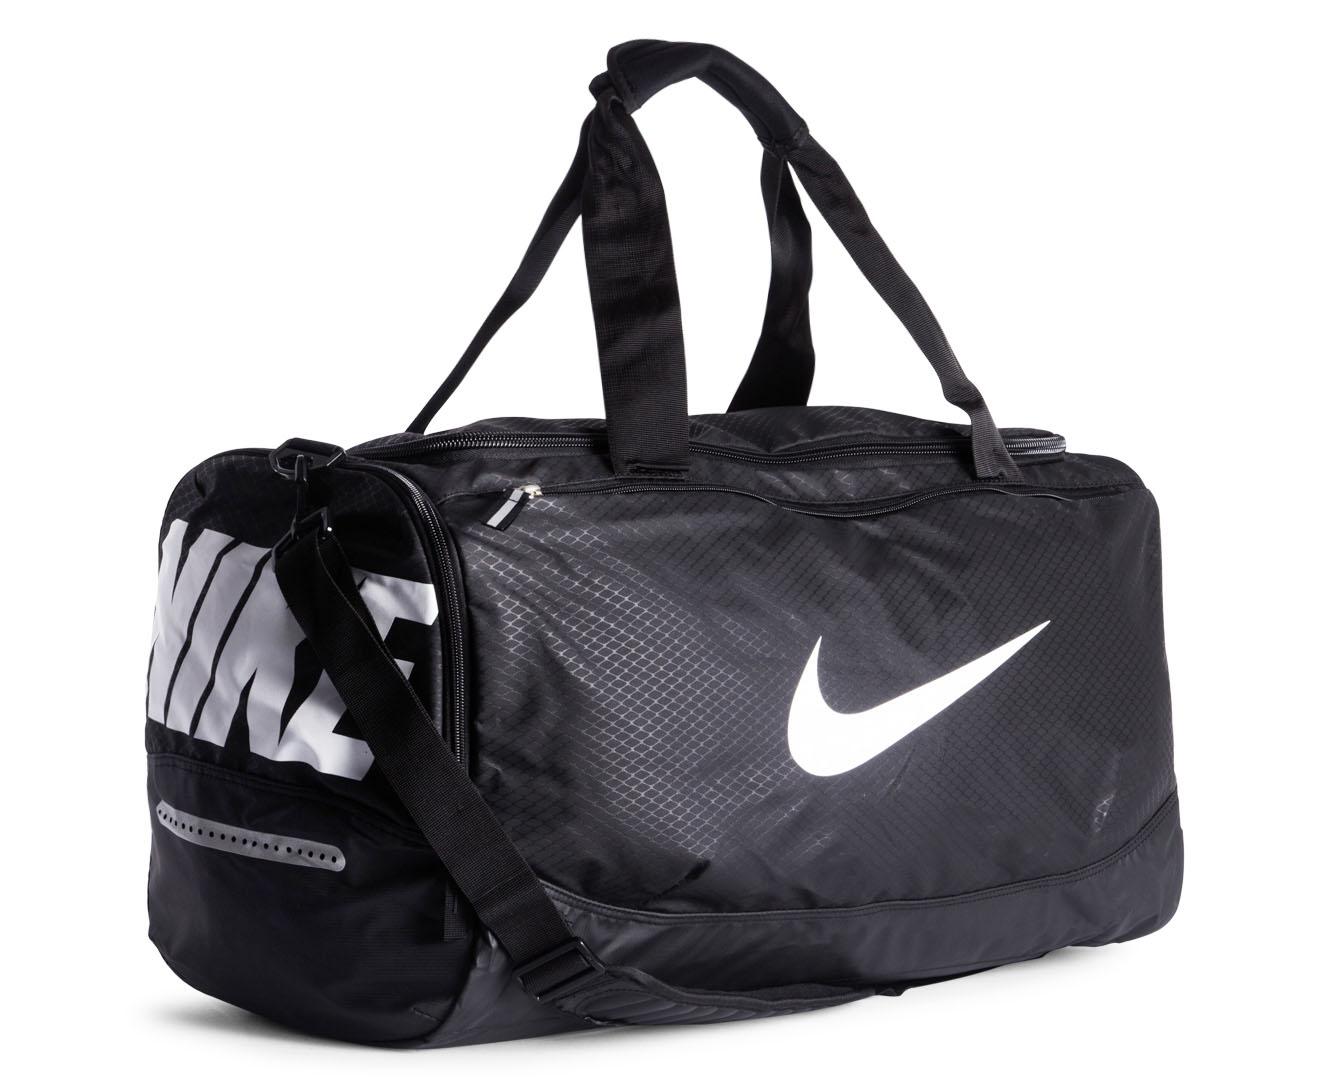 a0230cc44de4 Nike Team Training Max Air Medium Duffel Bag - Black